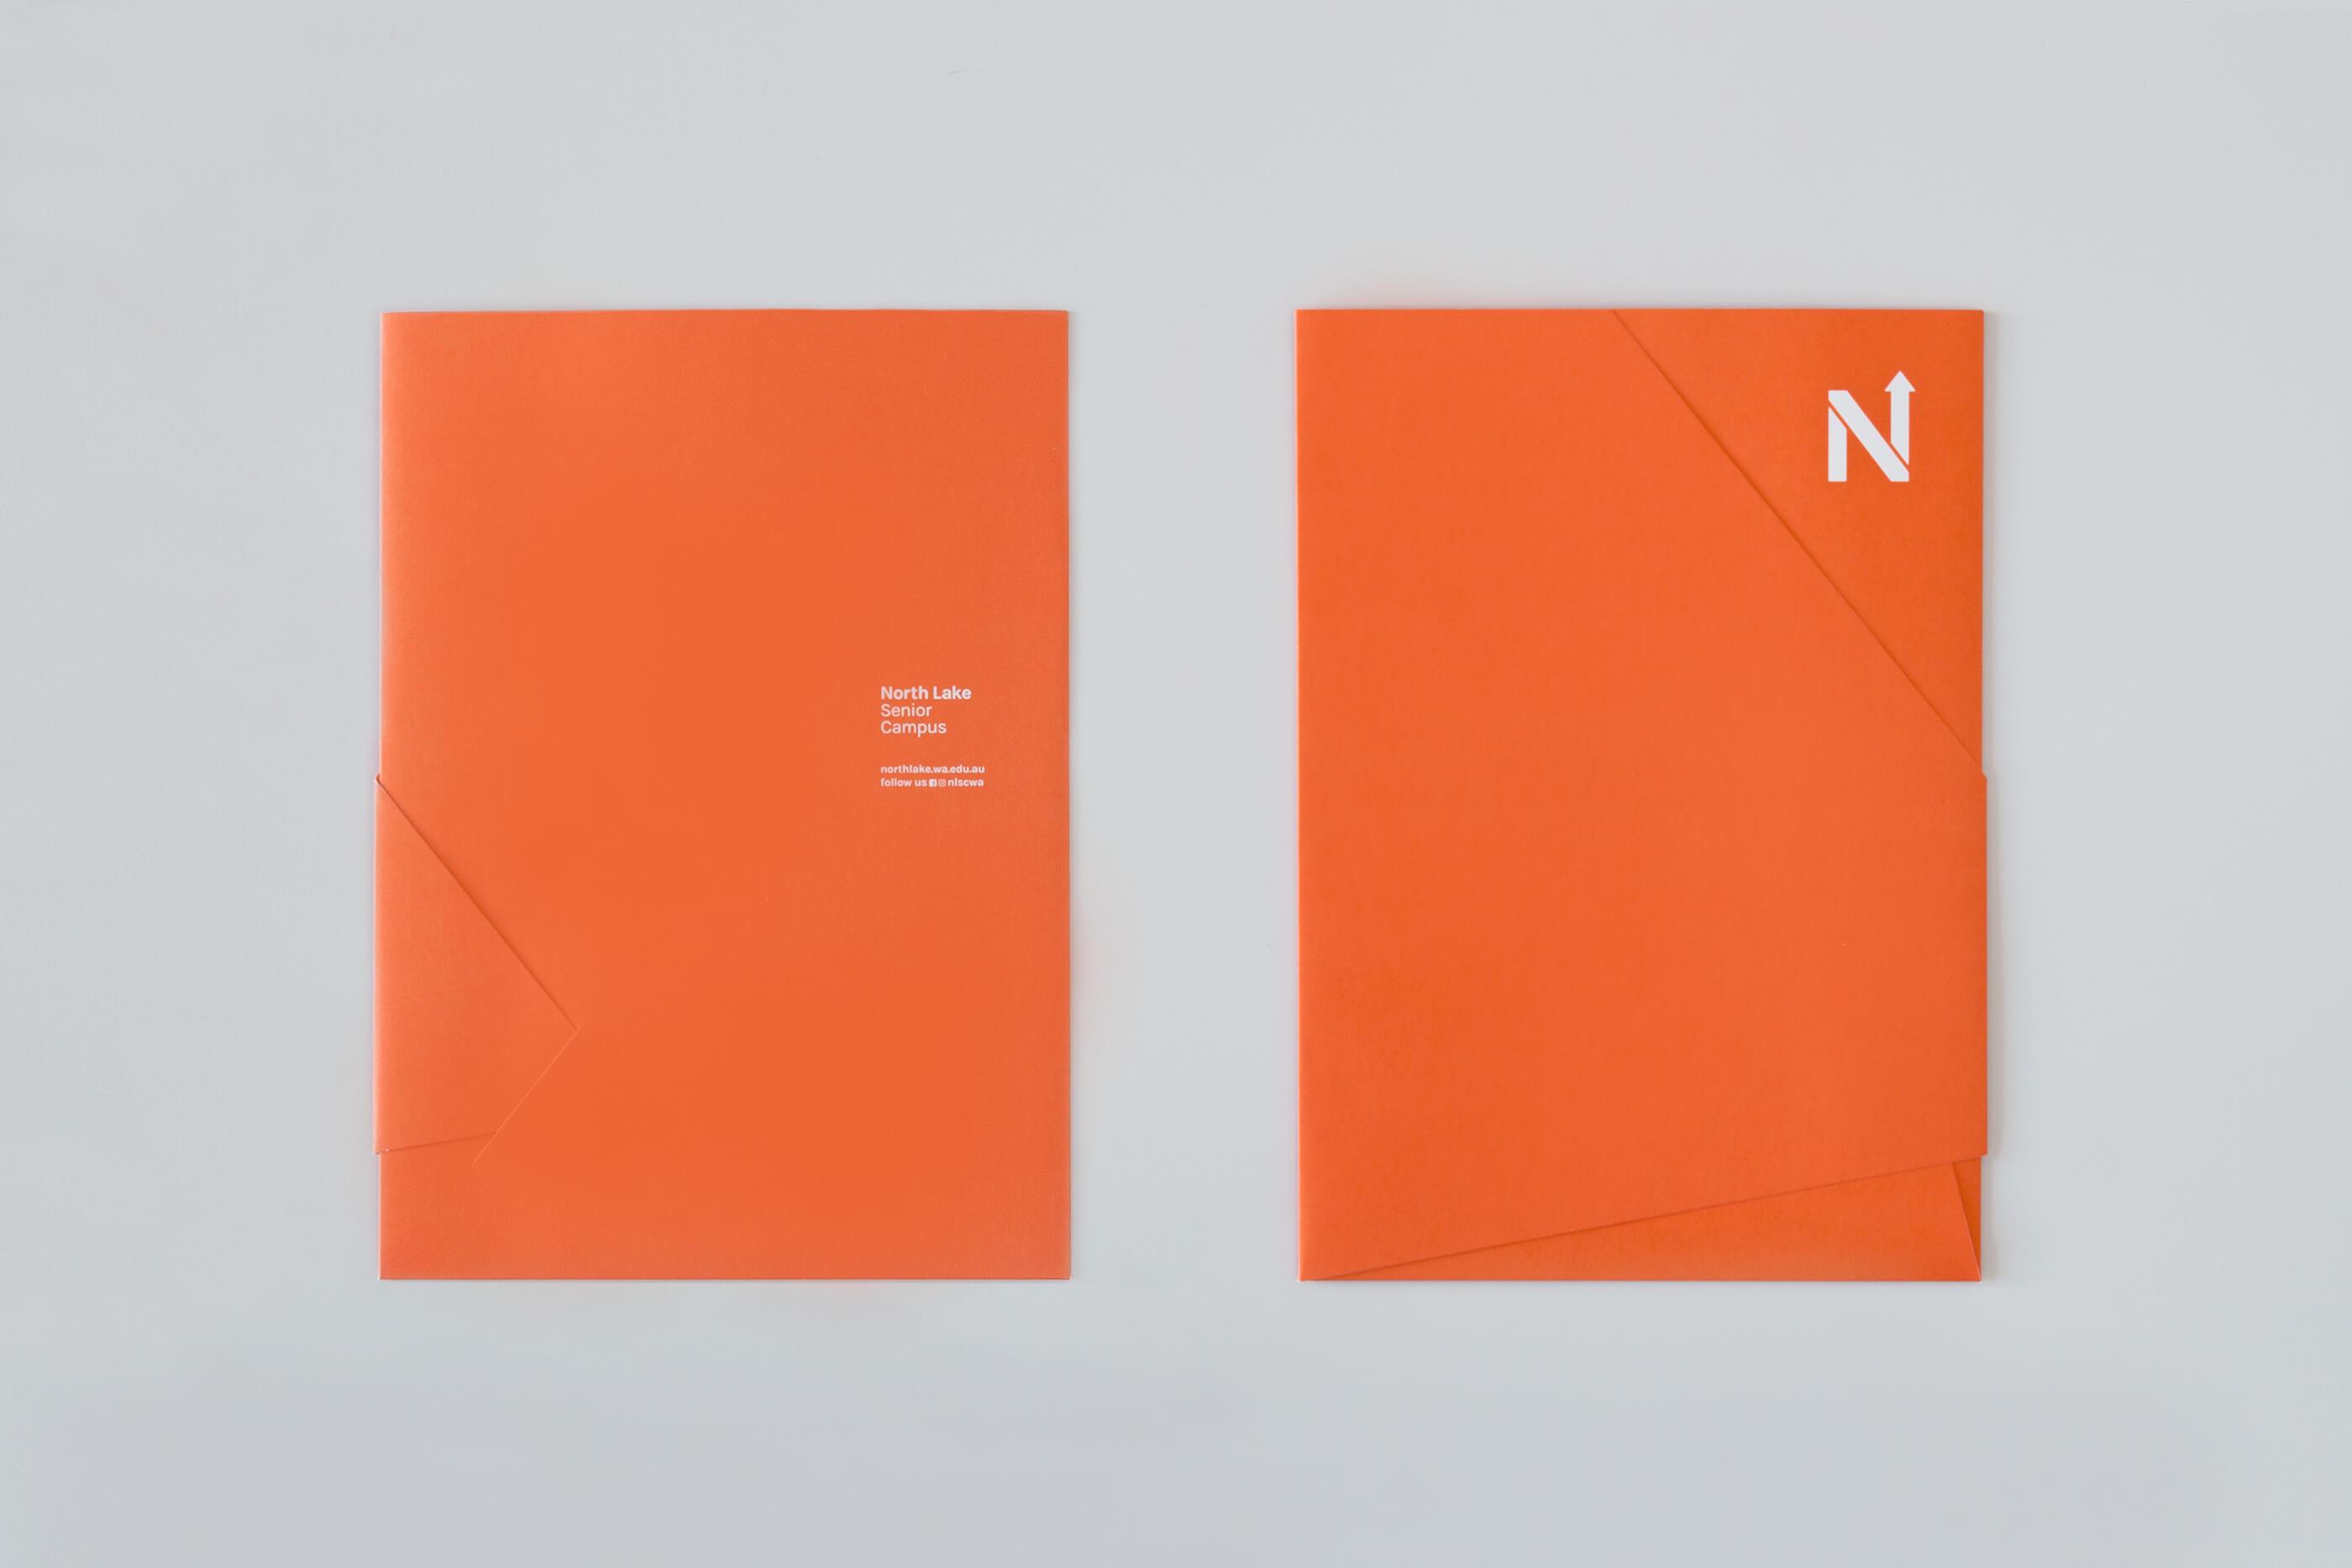 North_Lake_Senior_Campus_Folder